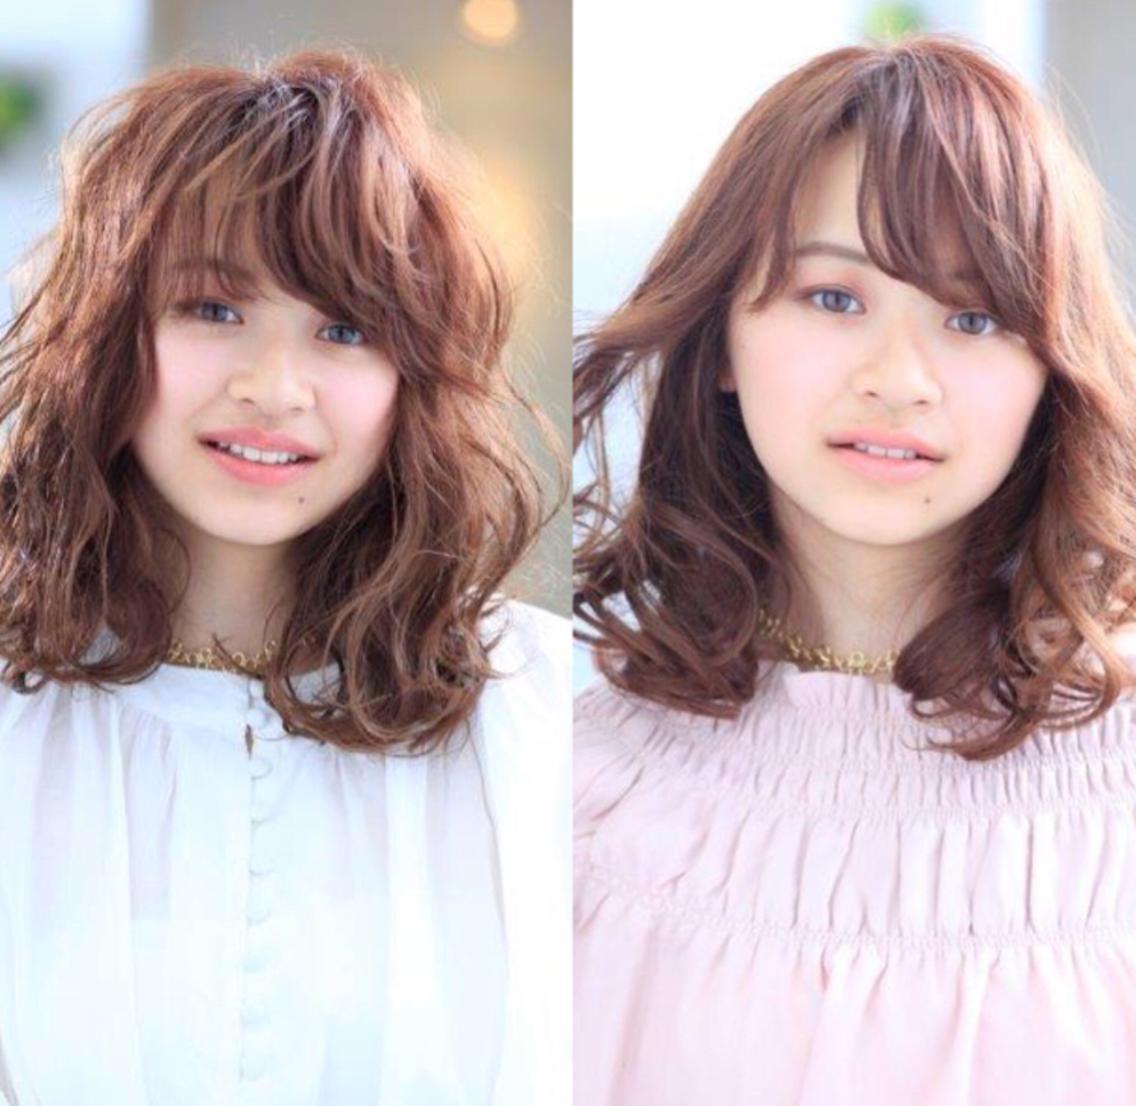 見た目も手触りも妥協せず美しい髪つくります🍀艶たっぷりカラー💎透明感バツグン美髪カラー✨お任せ下さい🎈